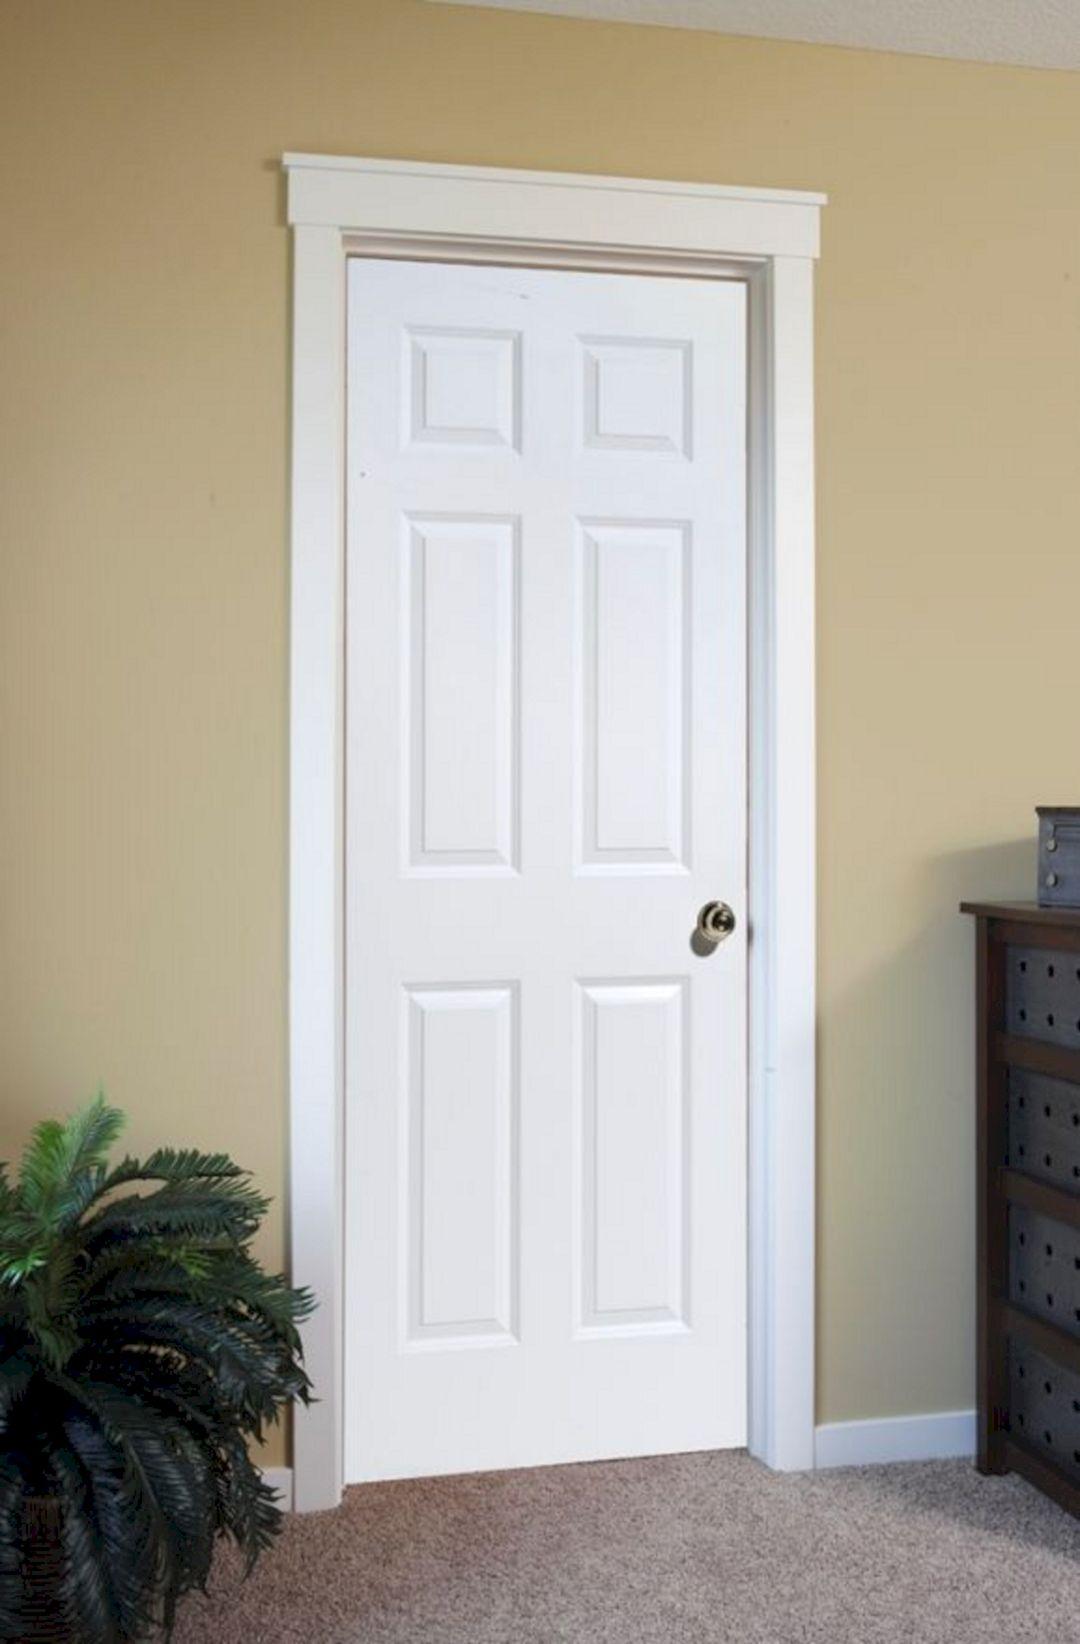 6 Panel Interior Doors 6 Panel Interior Doors Design Ideas And Photos